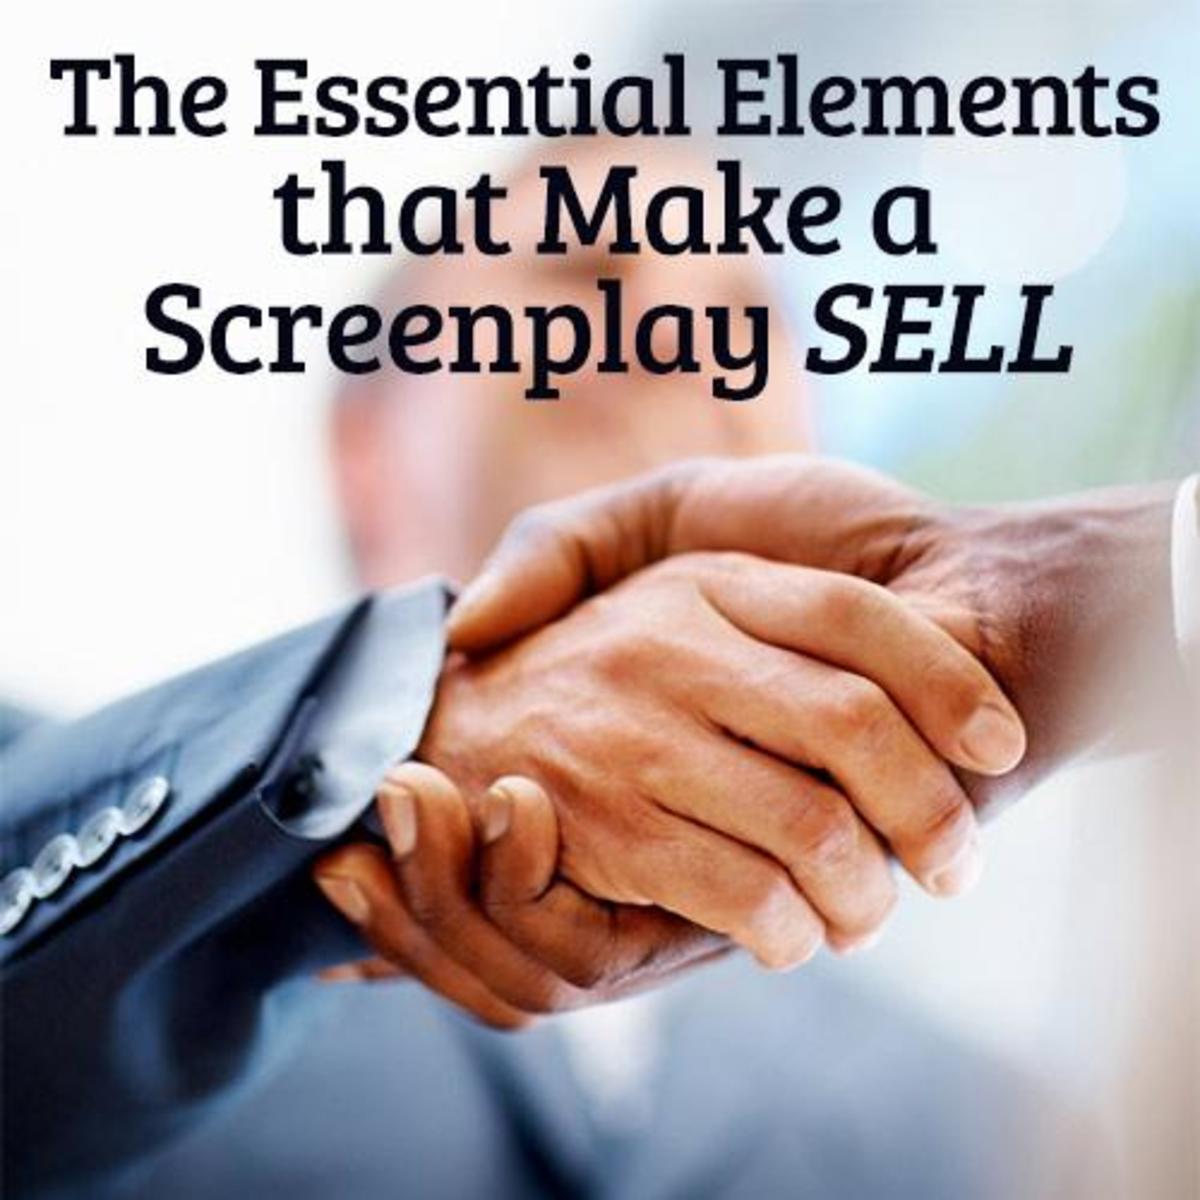 ws_sellscreenplay_720x